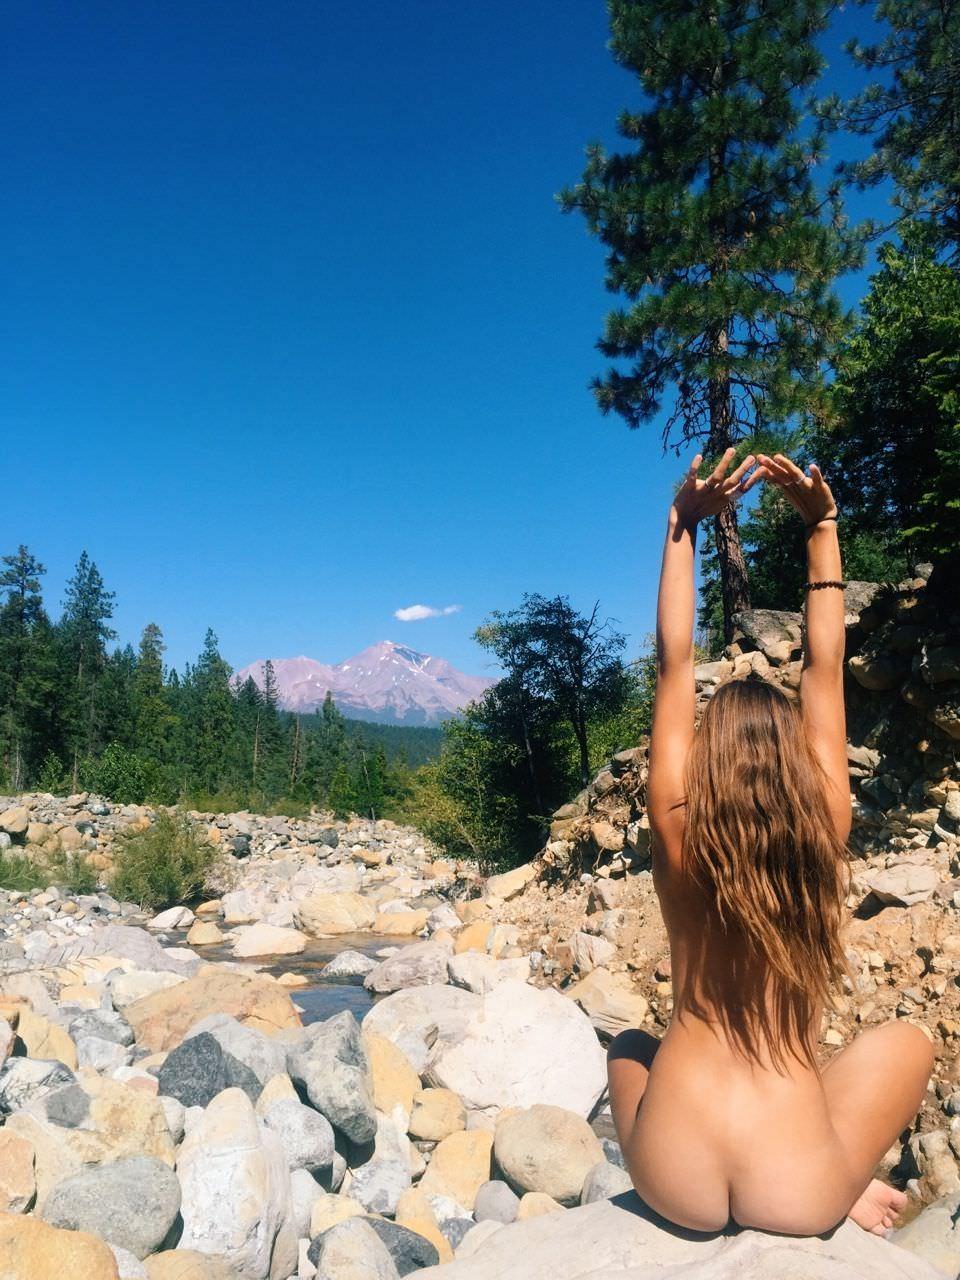 Top Nude Beaches